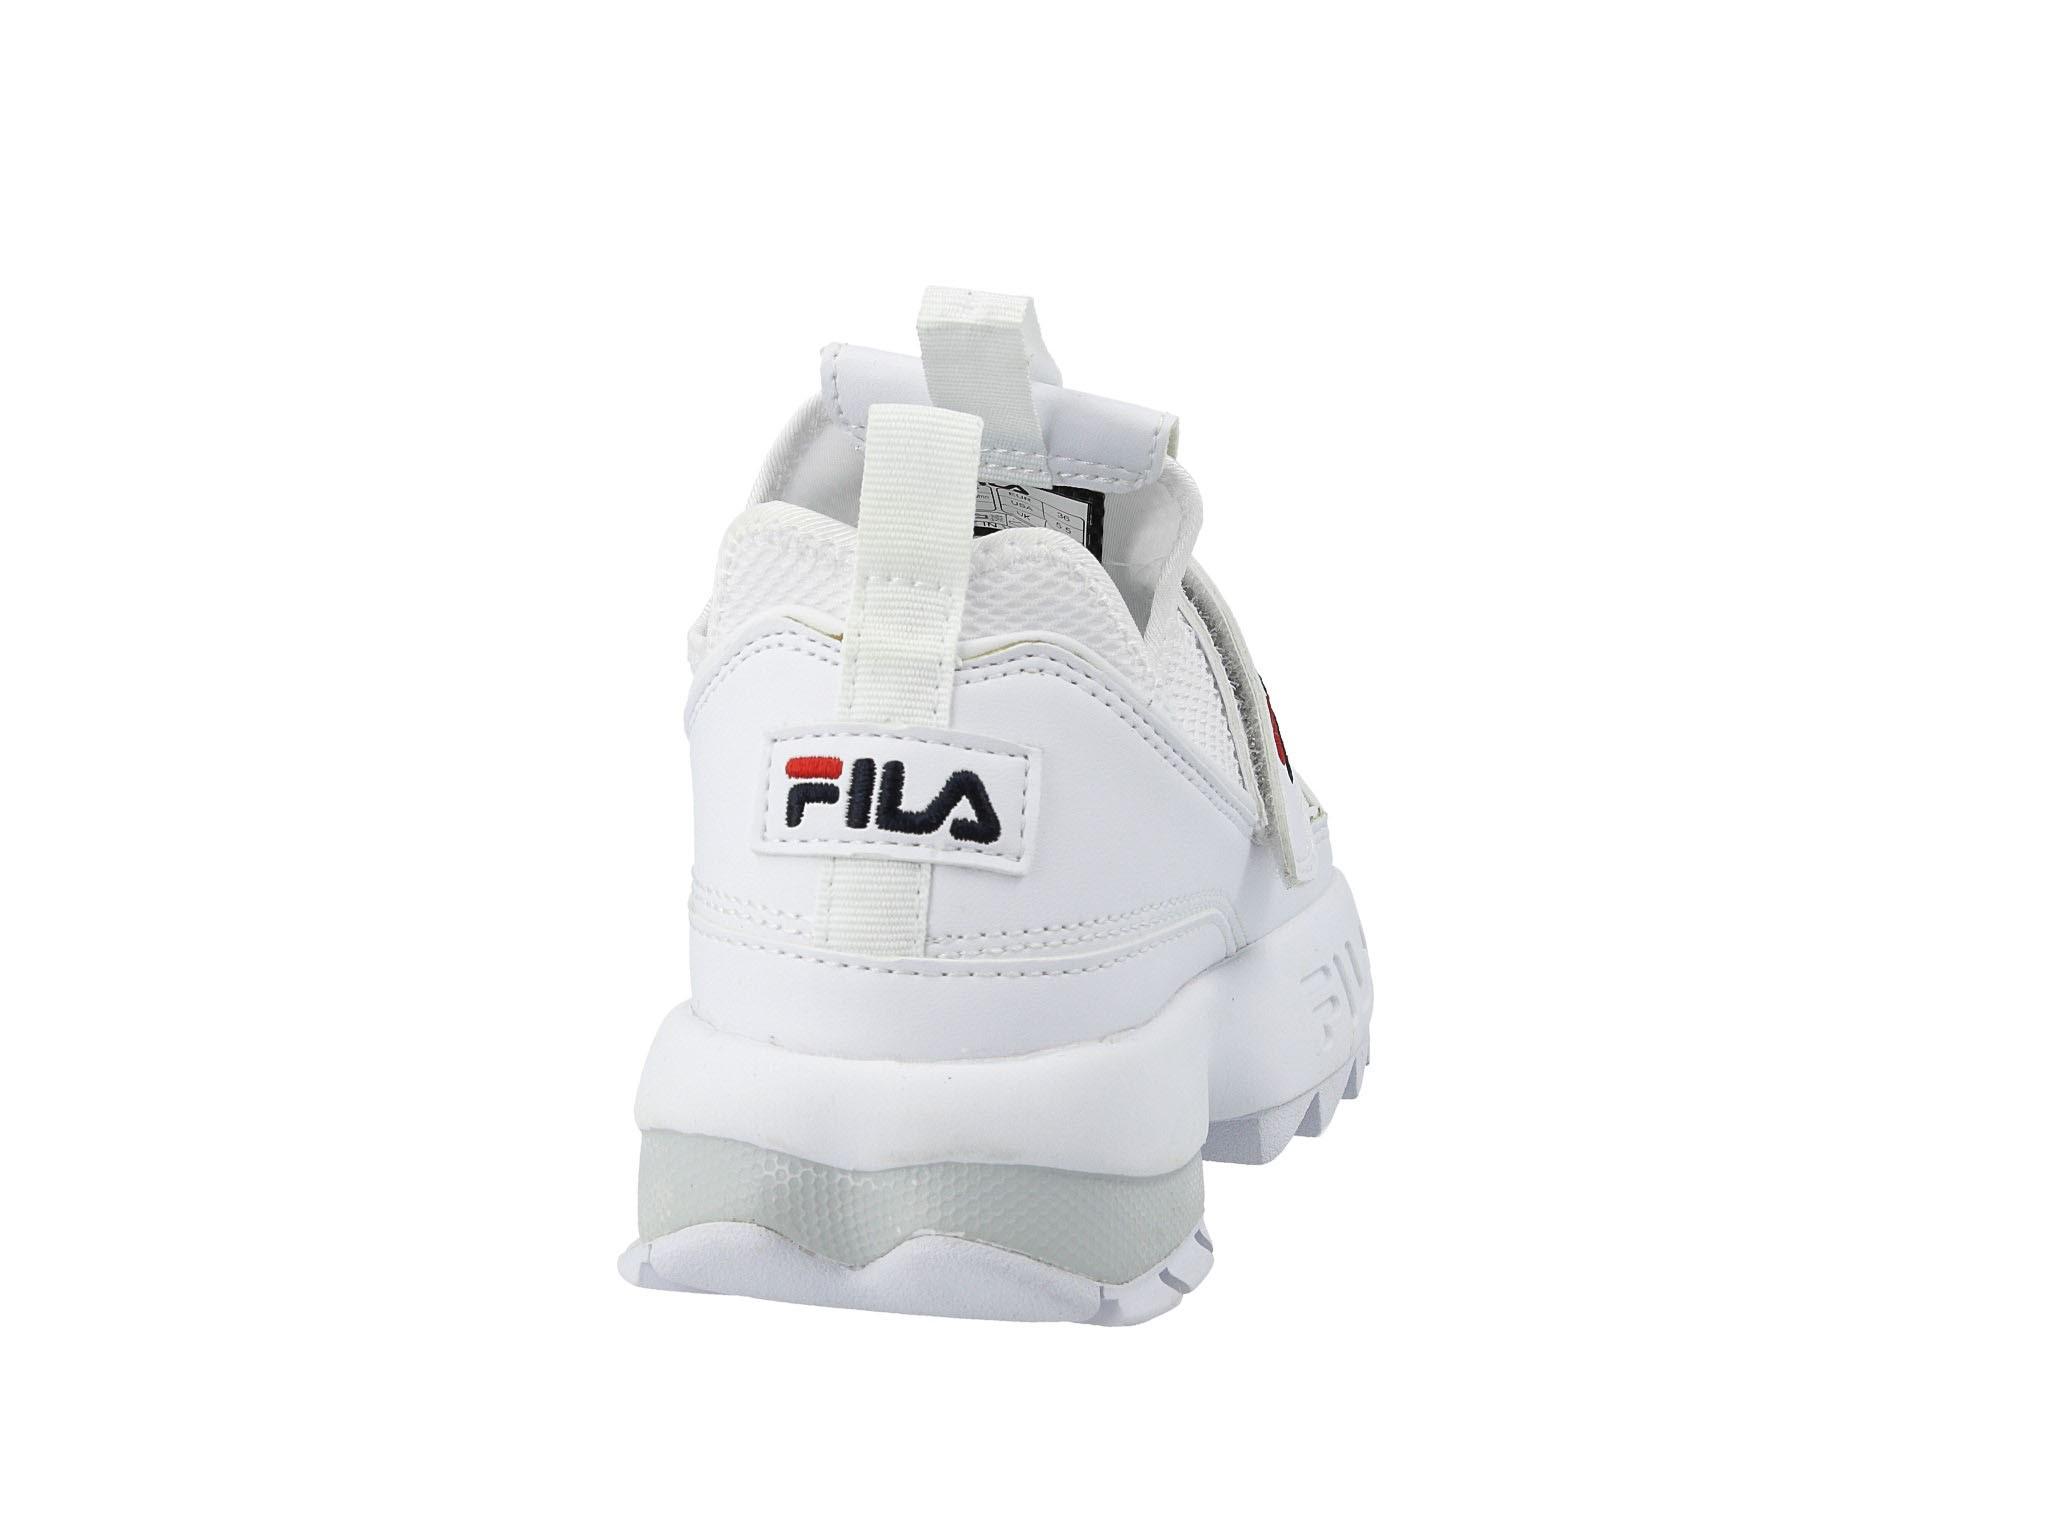 Κλειστά παπούτσια FILA Disruptor Halfsandal Wmn 1010610.1